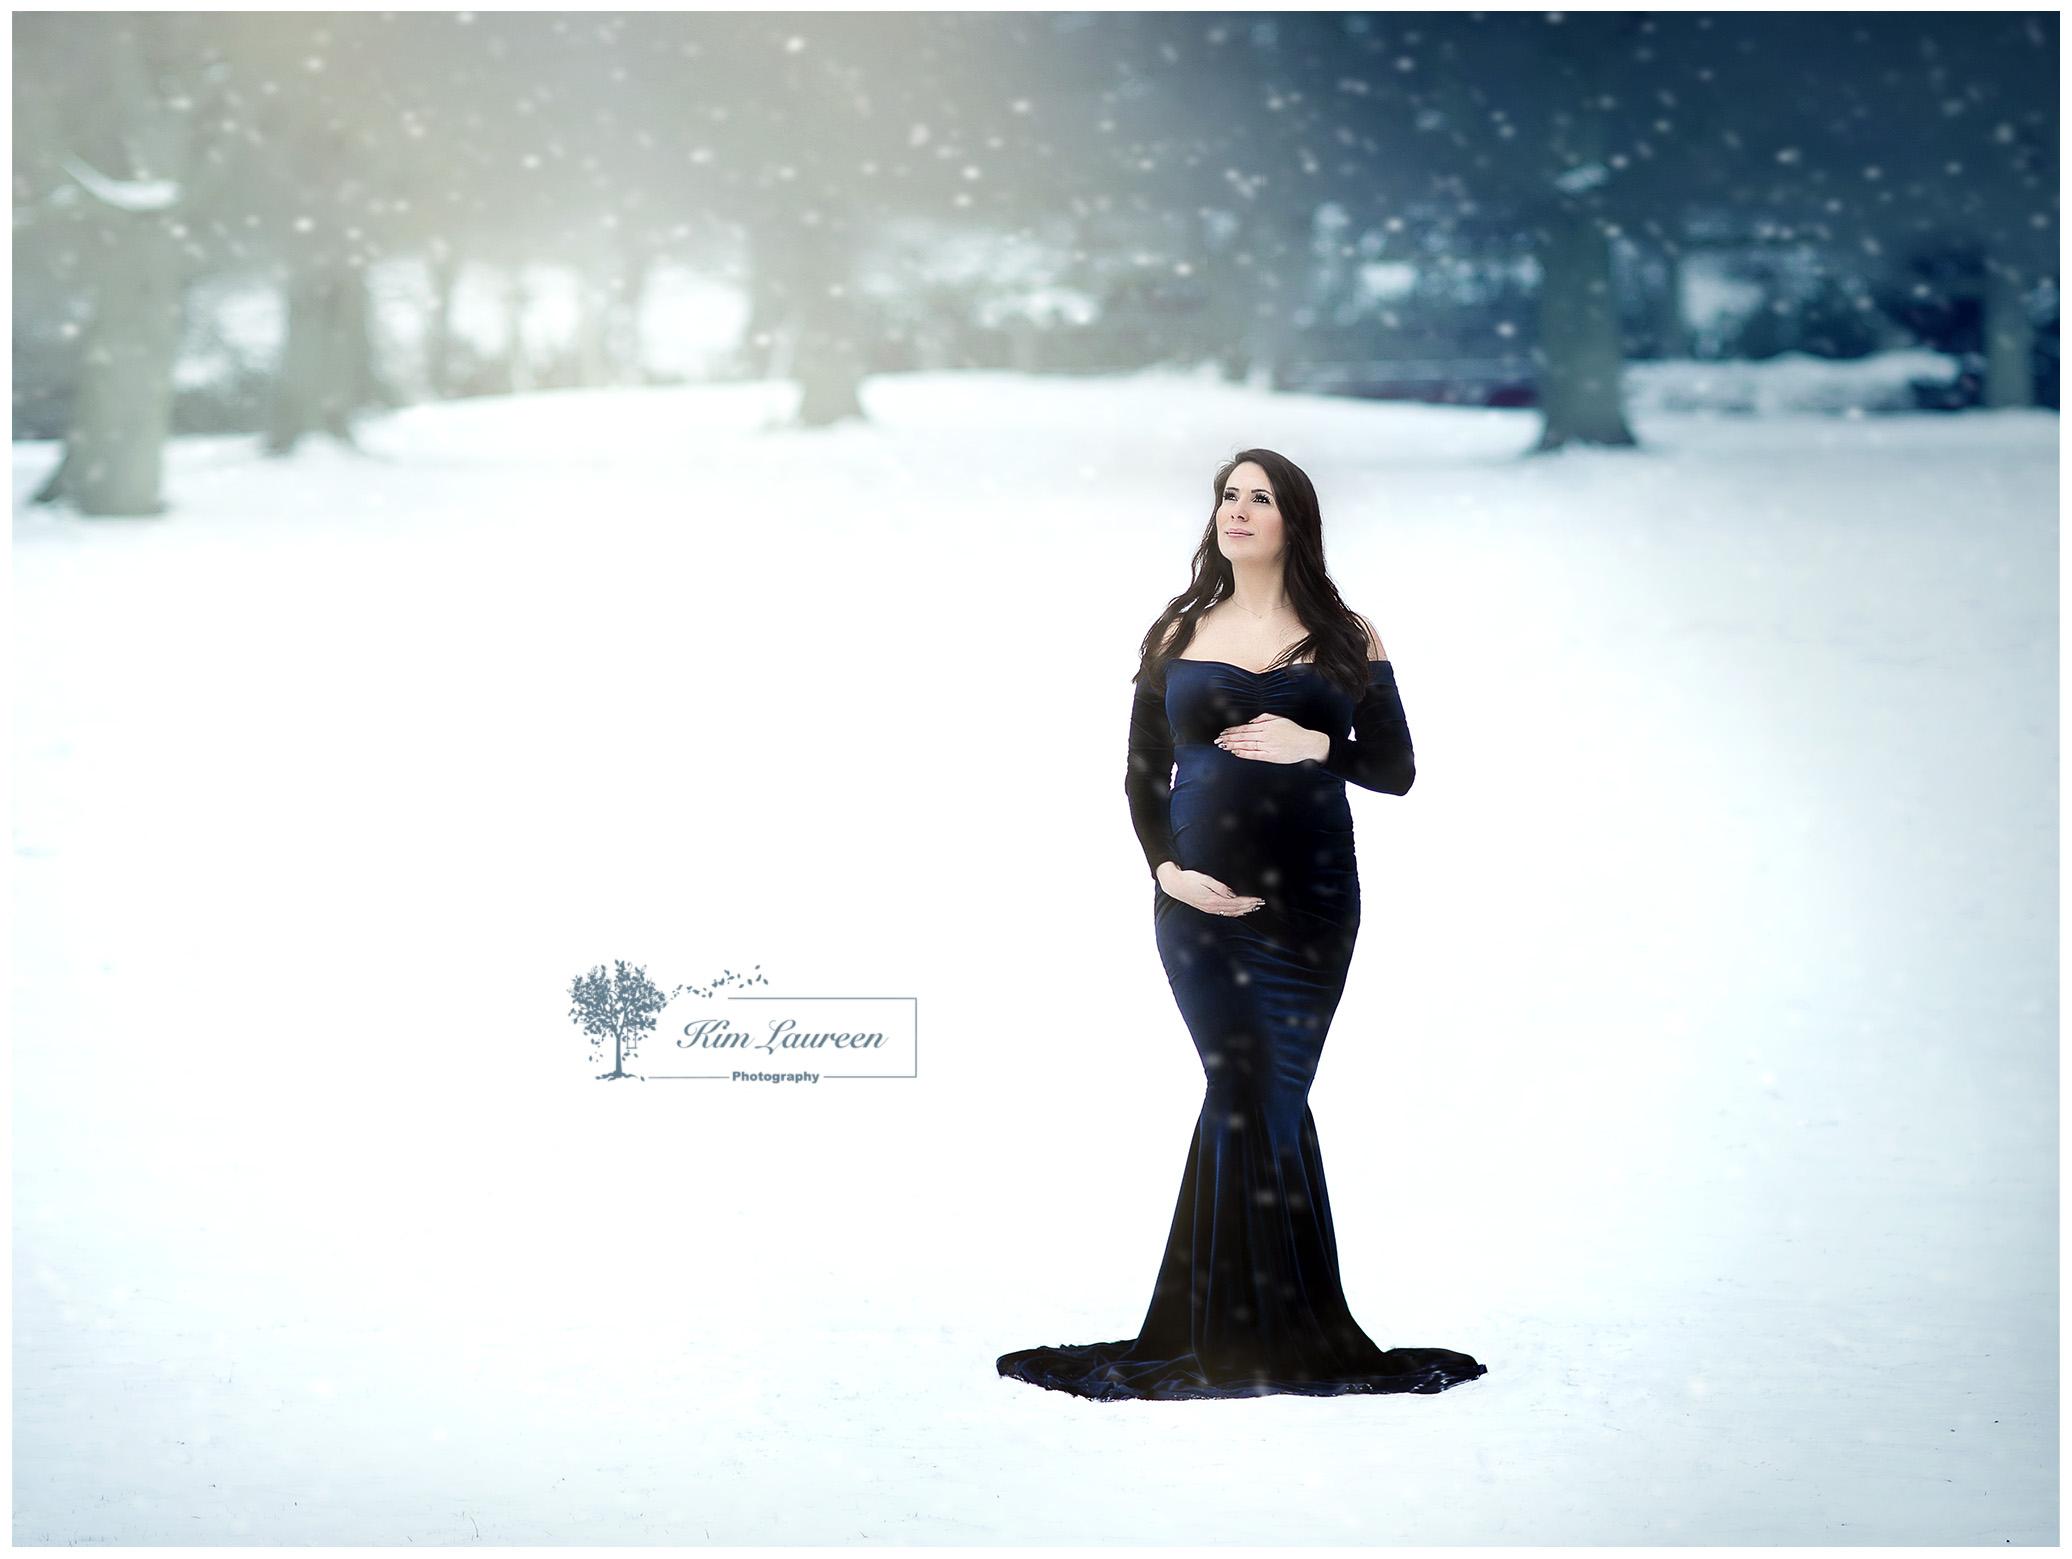 zwanger Kim Laureen